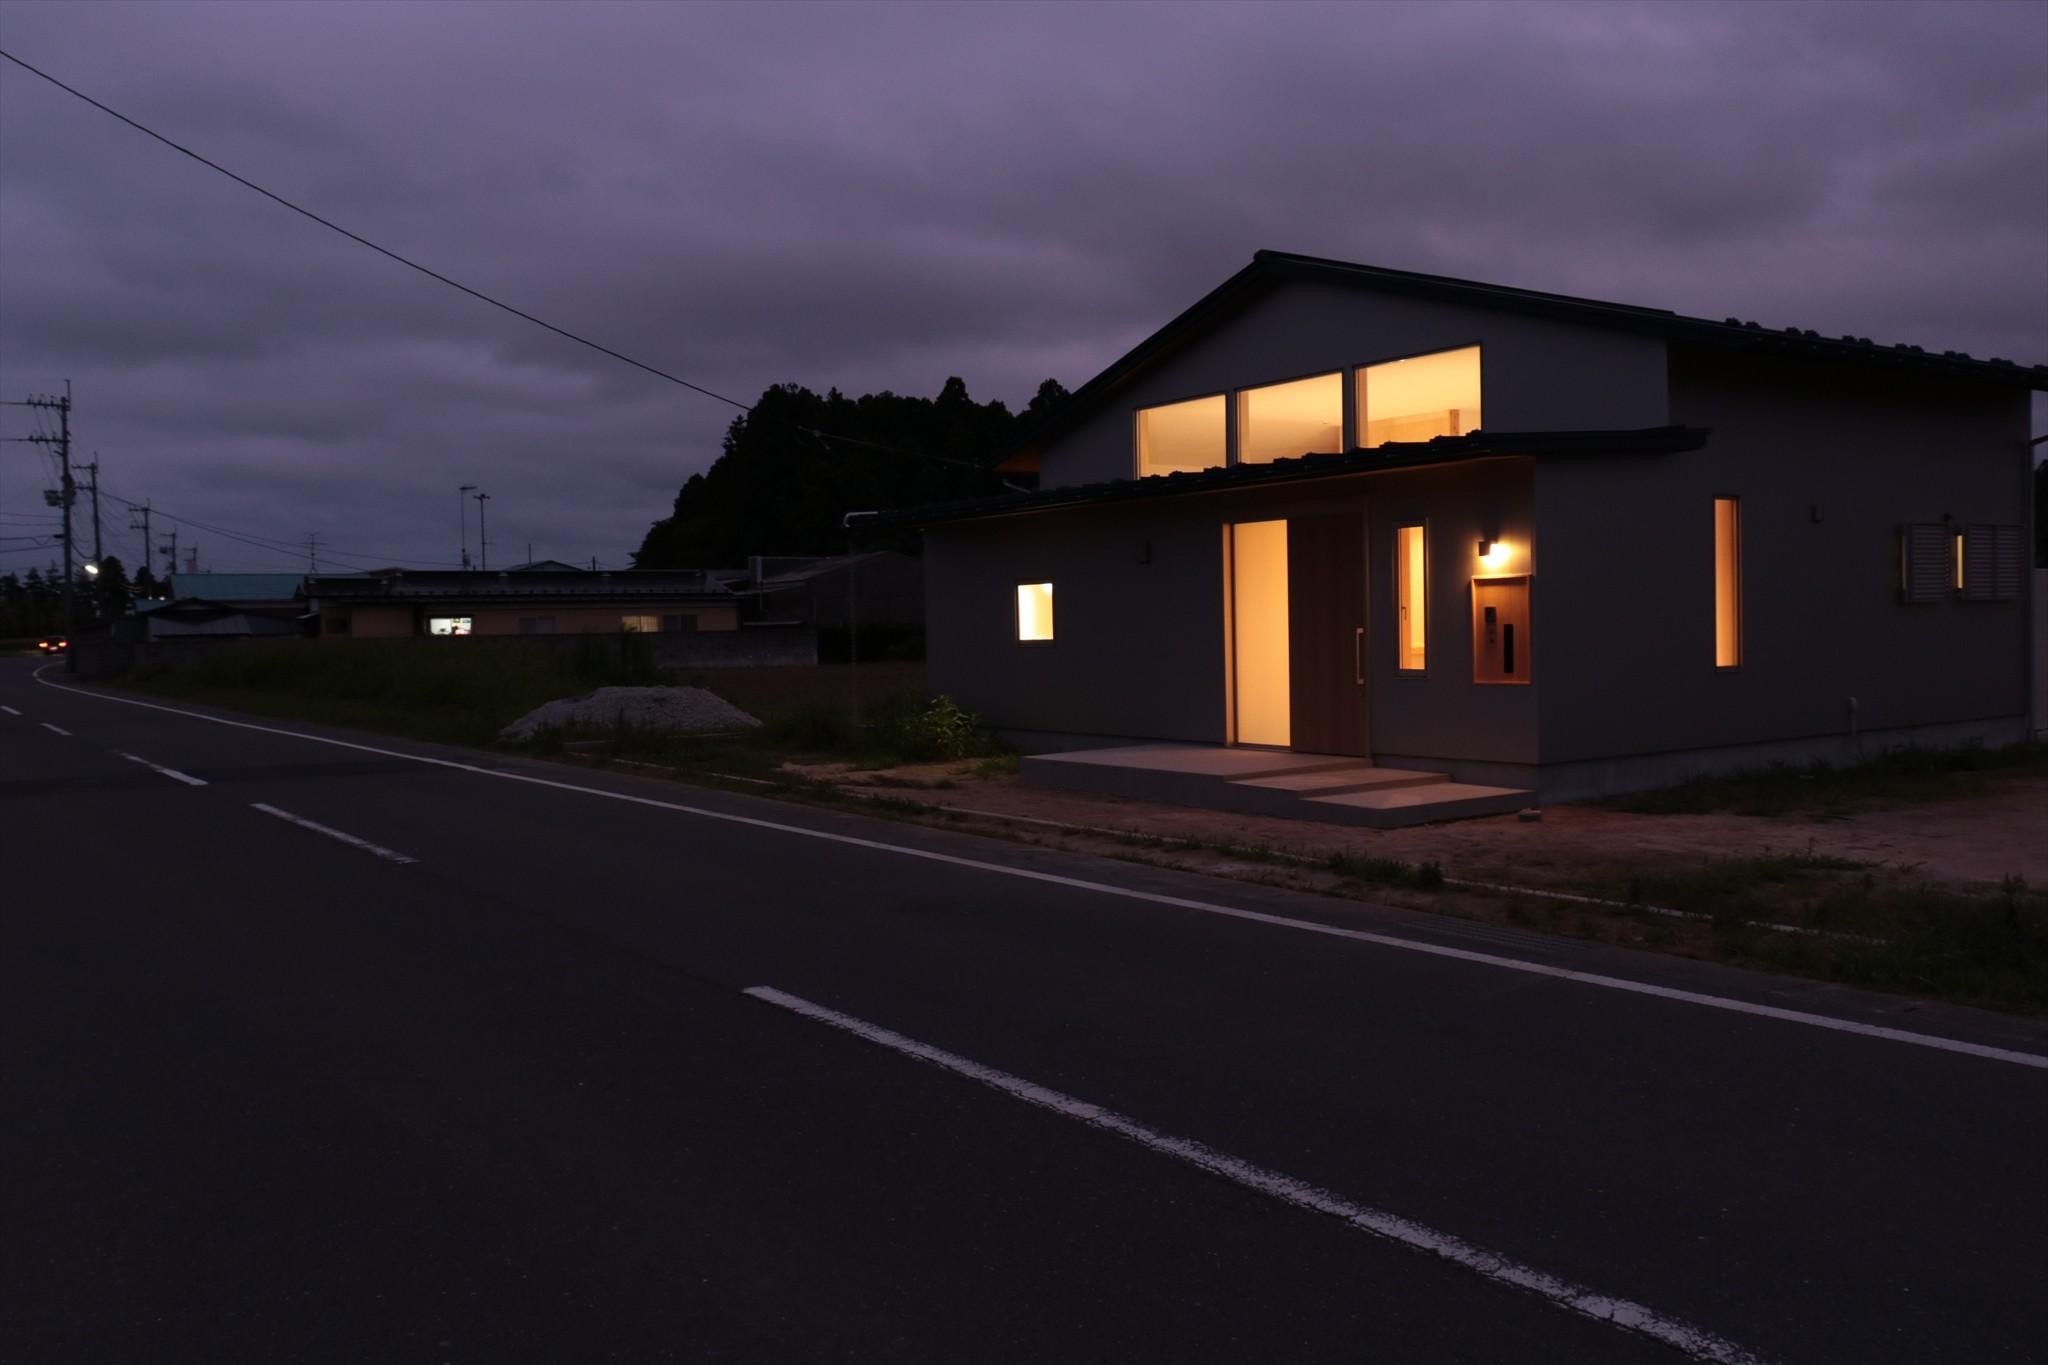 外観事例:休耕地の家 北東側外観夜景(休耕地に建つ女性のための住宅)